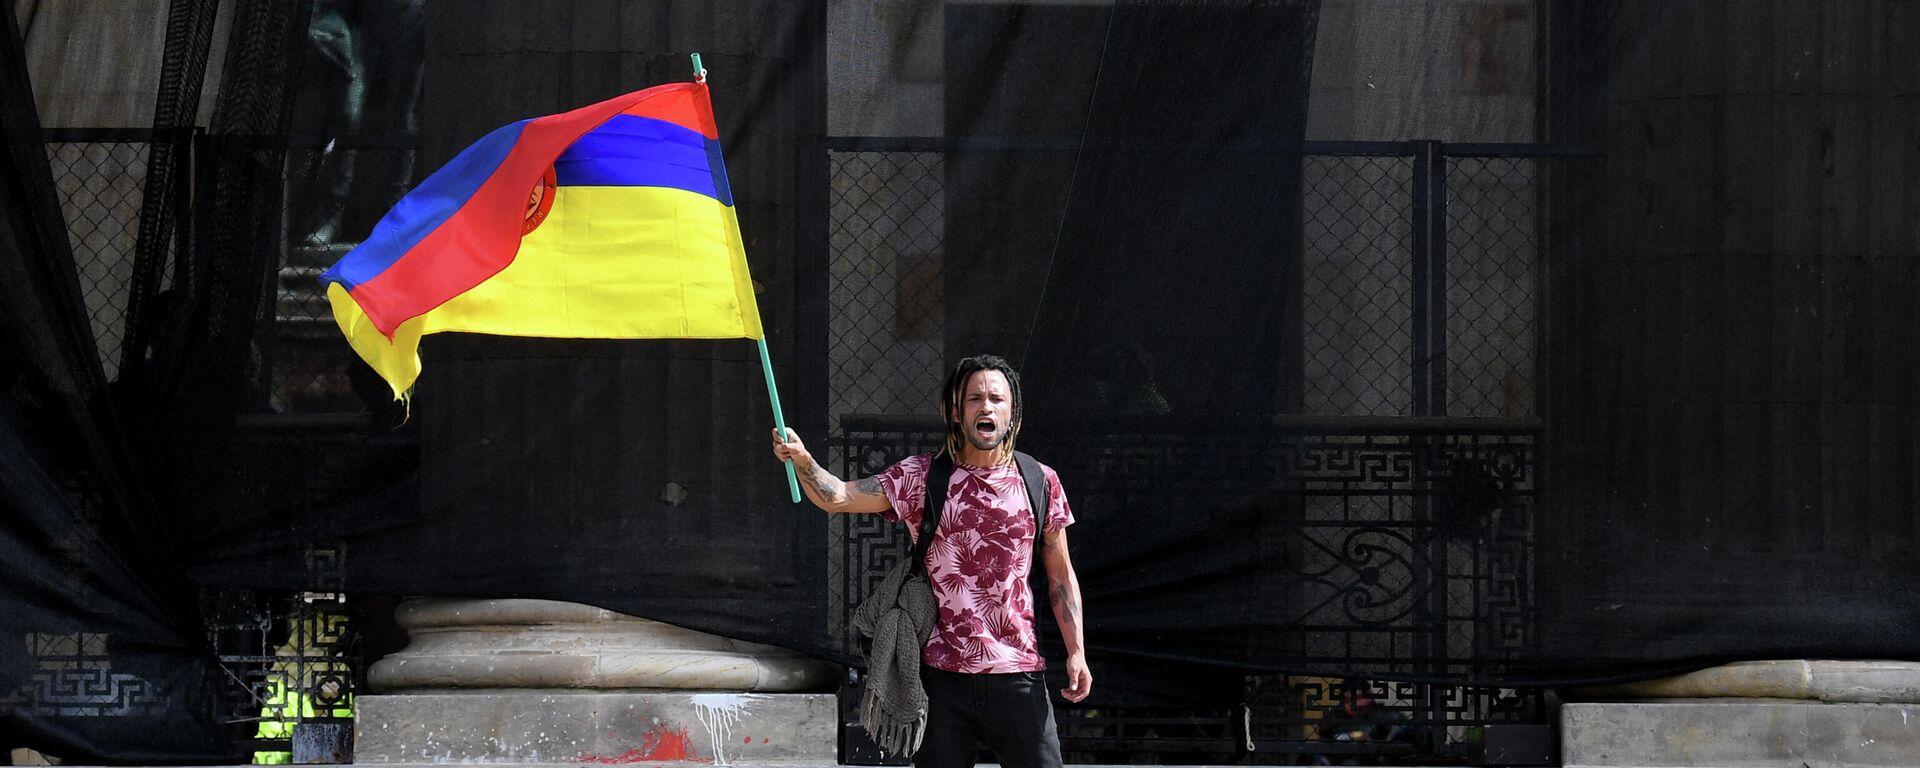 Un hombre con la bandera de Colombia del revés - Sputnik Mundo, 1920, 15.05.2021